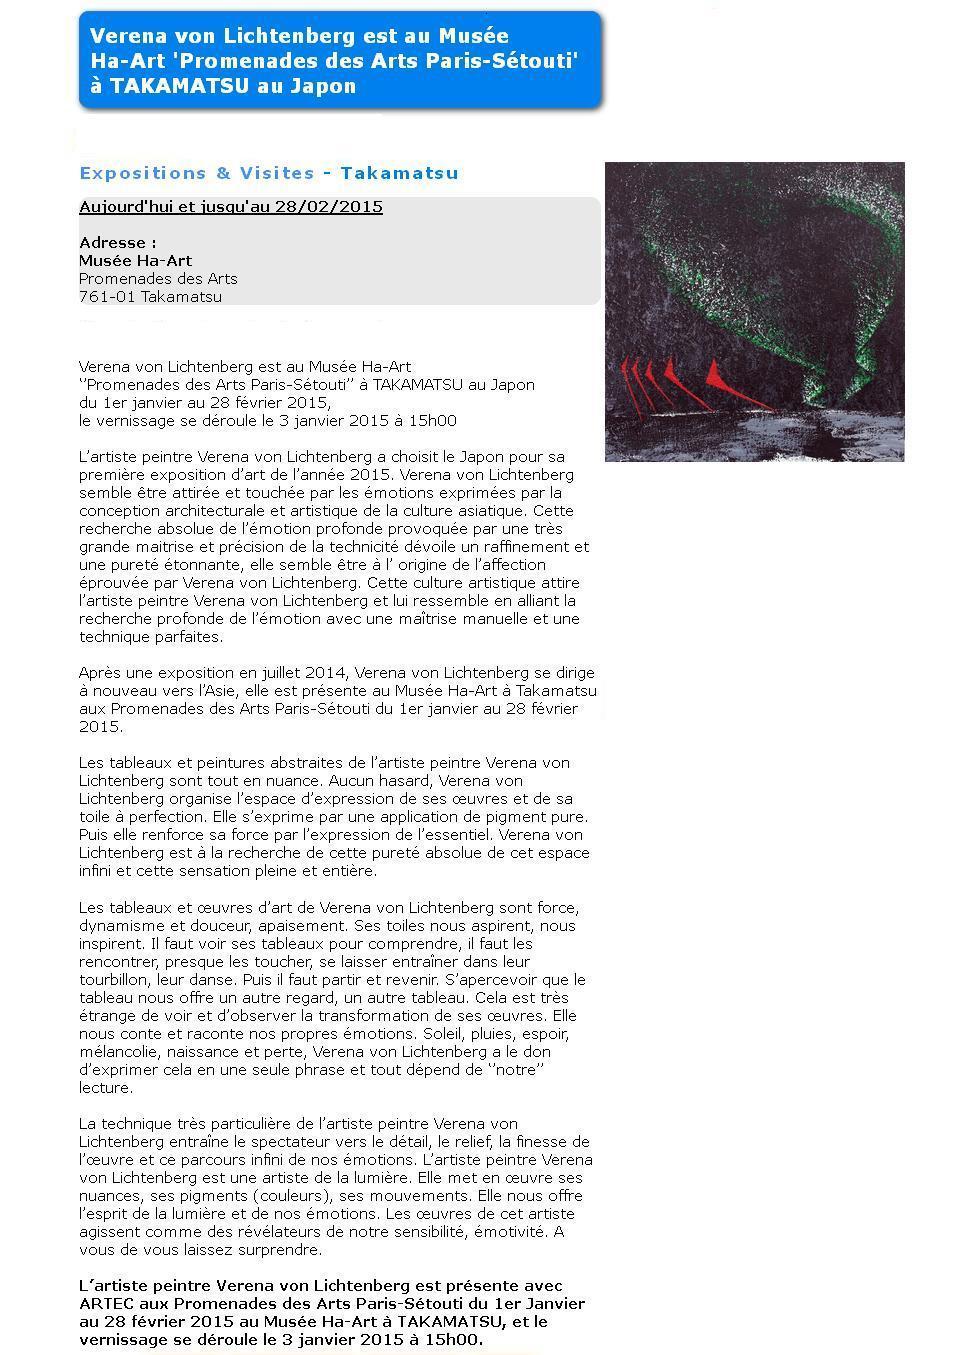 Verena von lichtenberg une artiste peintre de paris elle est au misee takamatsu au japon avec ses tableaux et oeuvre dd art de son exposition d art nord licht